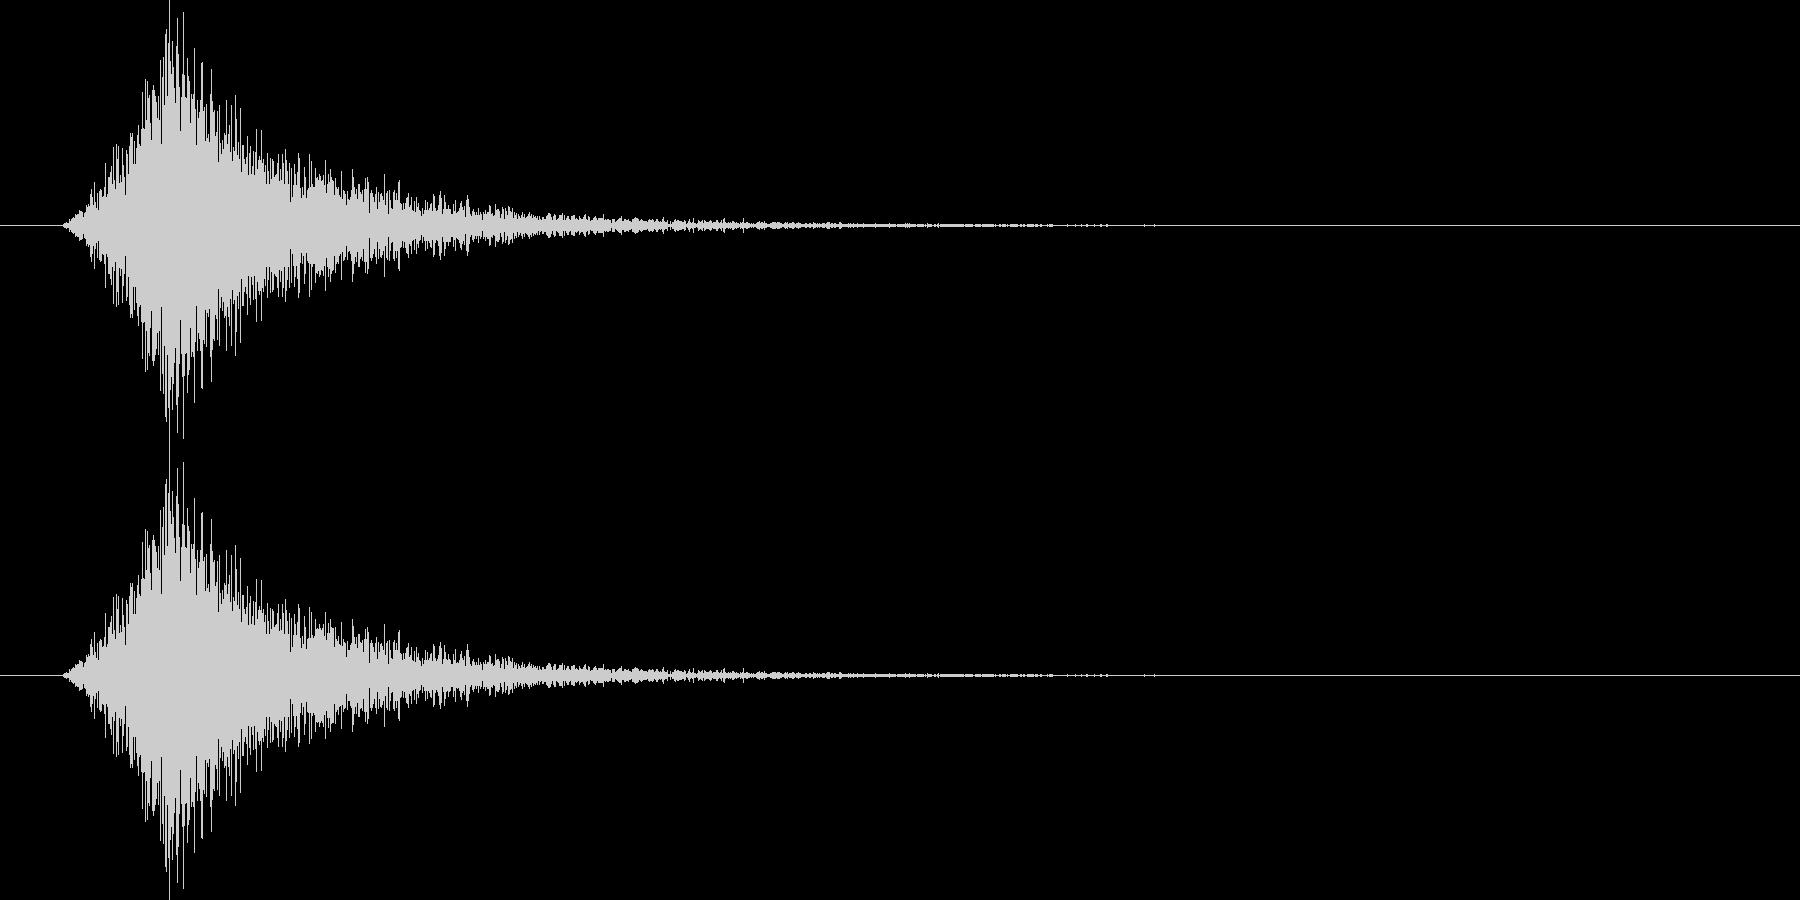 【SE】風切り音03(シュー 短い強い)の未再生の波形